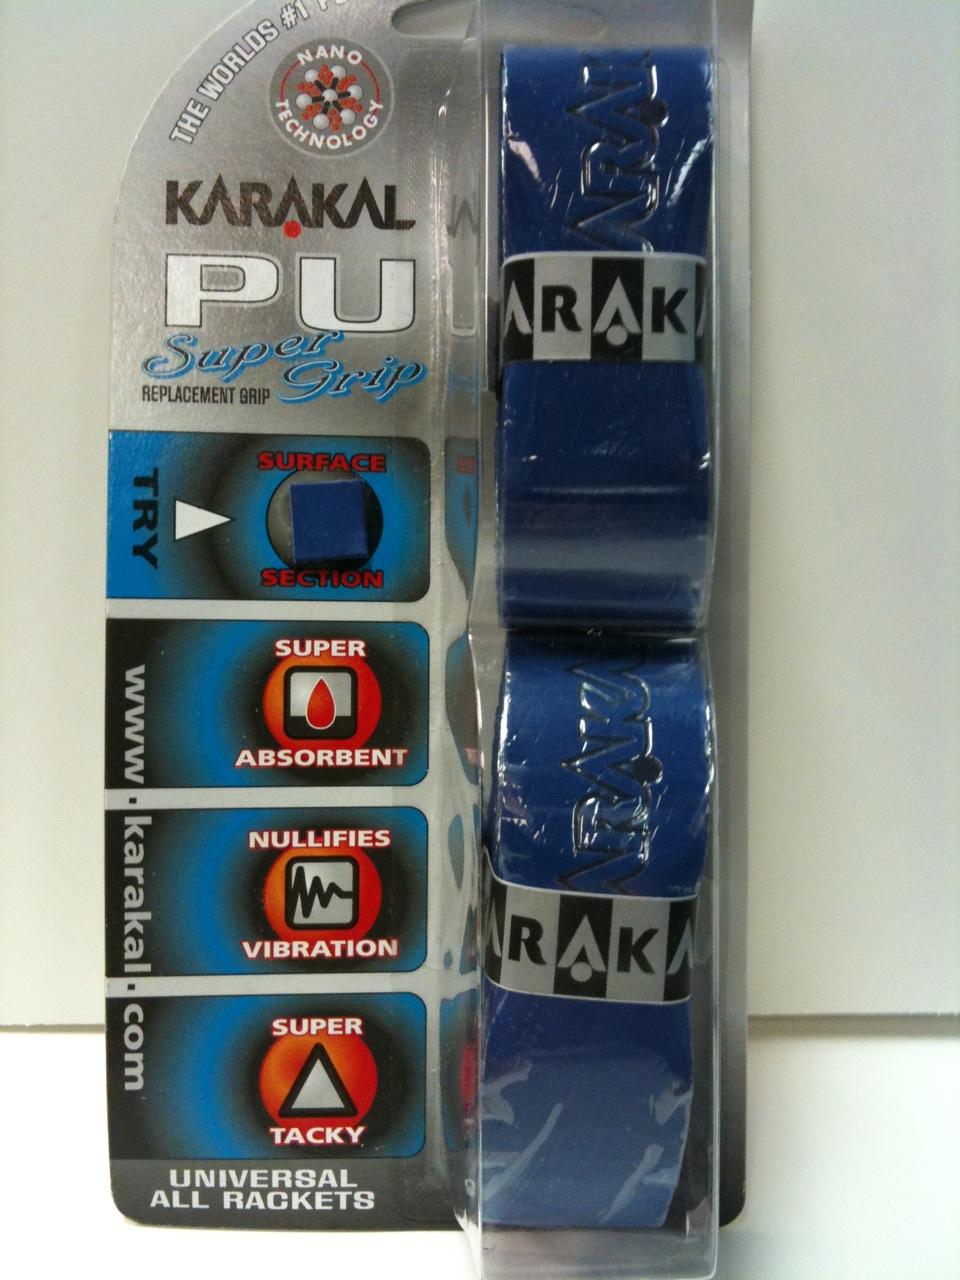 Karakal PU Super Grip (2 Pack)